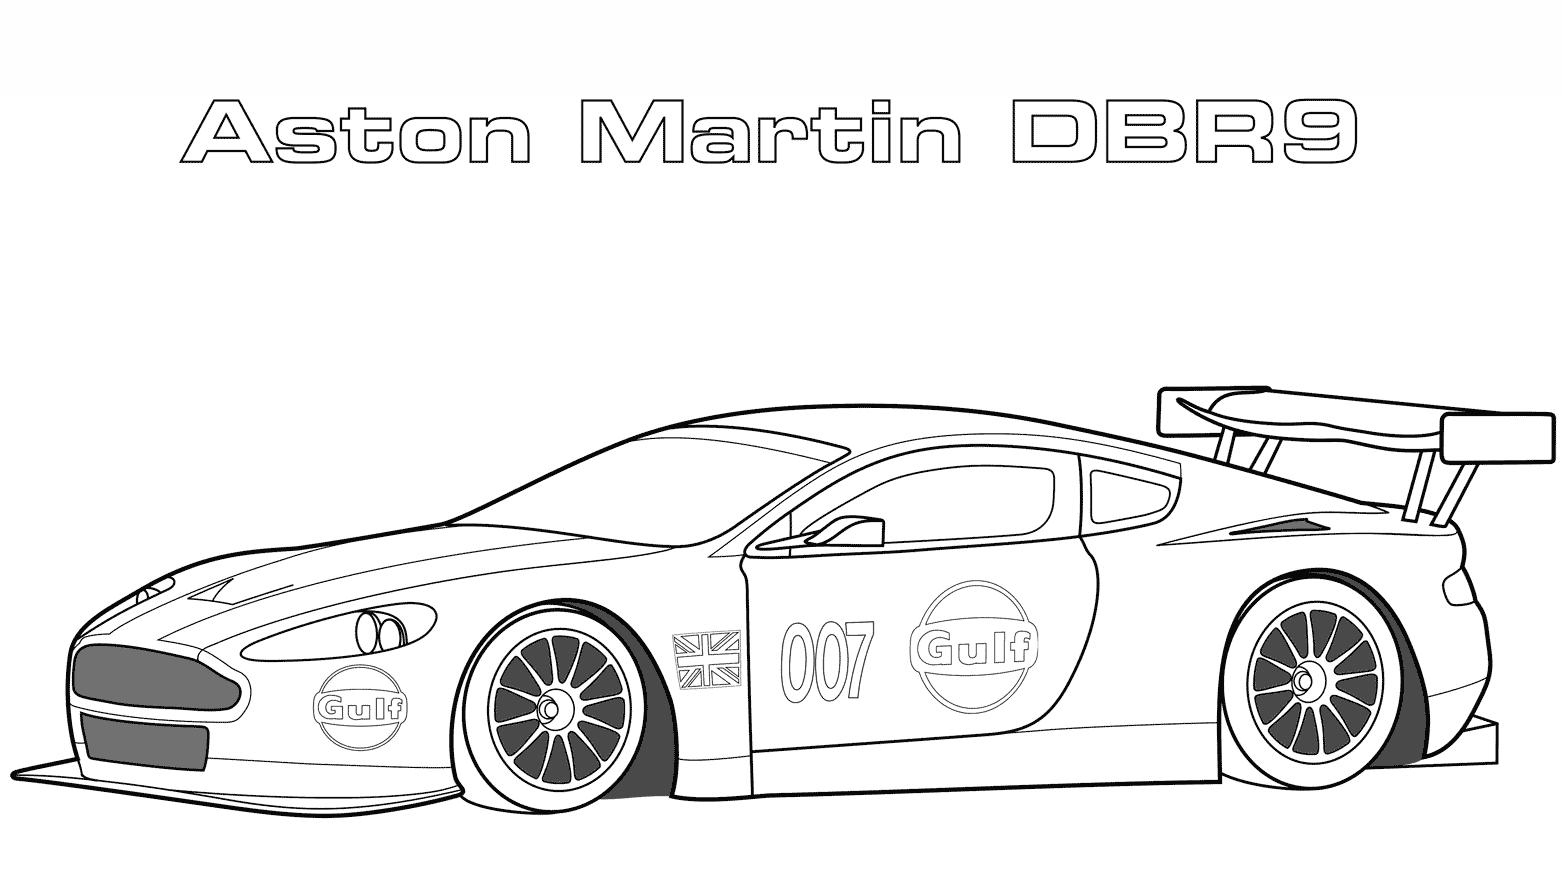 Rennauto Aston Martin Ausmalbild E1529873932137 Astonmartin Car Ausmalbilder Feuerwehr Rennwagen Rennen